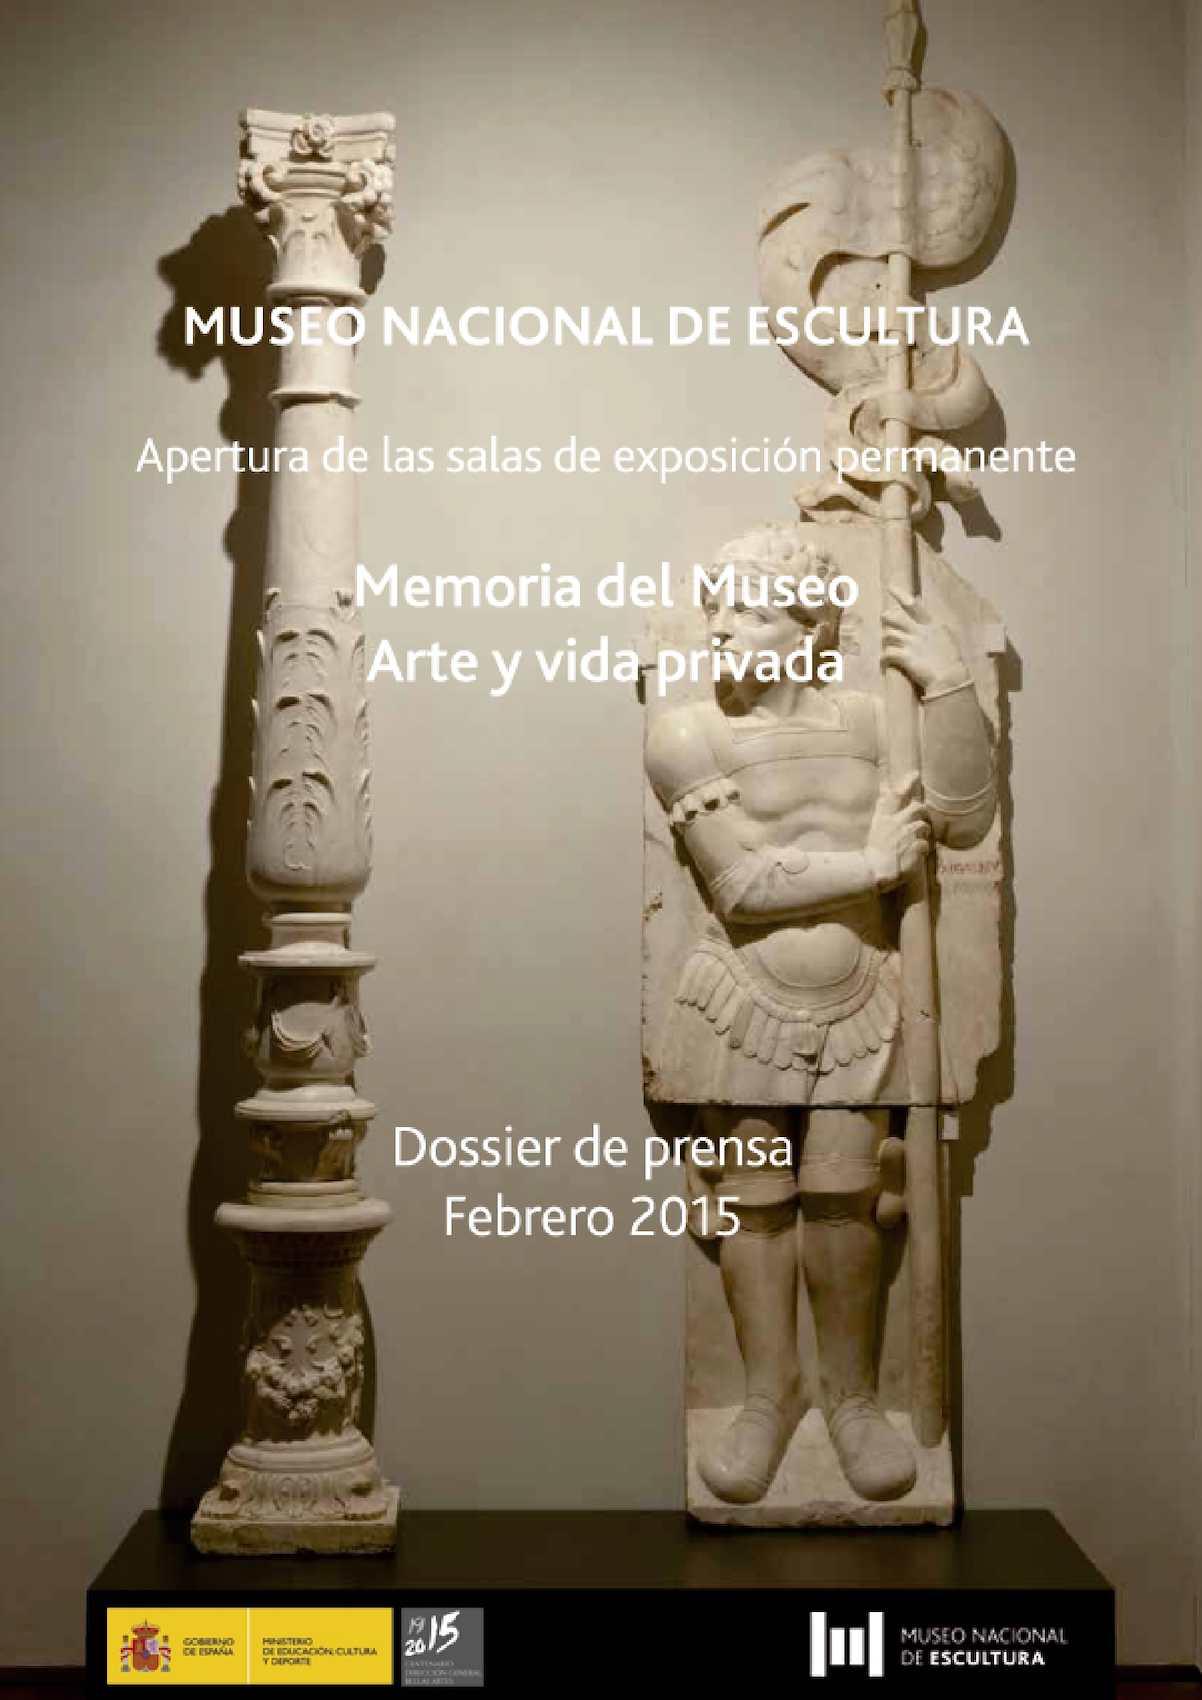 Dossier apertura de nuevas salas temáticas del Museo